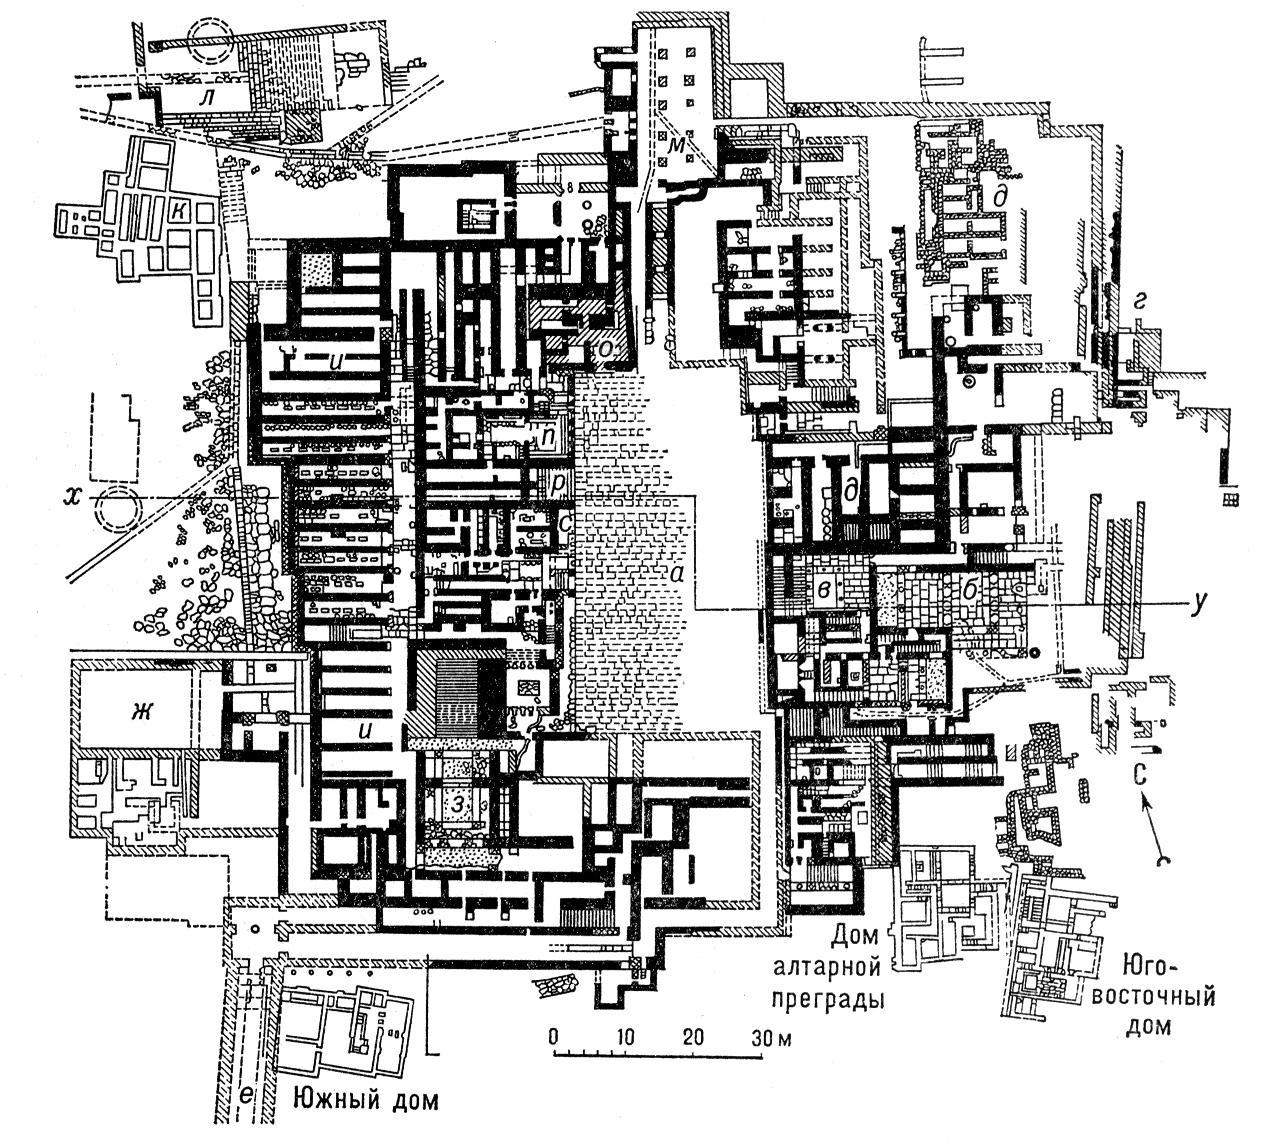 Комплекс дворца в Кносе на острове Крит. 20—15 вв. до н. э. Разрез (по х—у) и план: а — двор; б — жилая часть; в — главная лестница; г — <span style='font-family:Arial;layout-grid-mode:line'>«</span>восточный бастион<span style='font-family:Arial;layout-grid-mode:line'>»</span>; д — склады керамики; е — юго-западный портик; ж — западная пристройка; з — пропилеи; и — западные склады; к — арсенал; л — театр; м — северный зал; о — <span style='font-family:Arial;layout-grid-mode:line'>«</span>старая крепость<span style='font-family:Arial;layout-grid-mode:line'>»</span>; п — тронный зал; р — ступенчатый портик; с — святилище. Дворец.